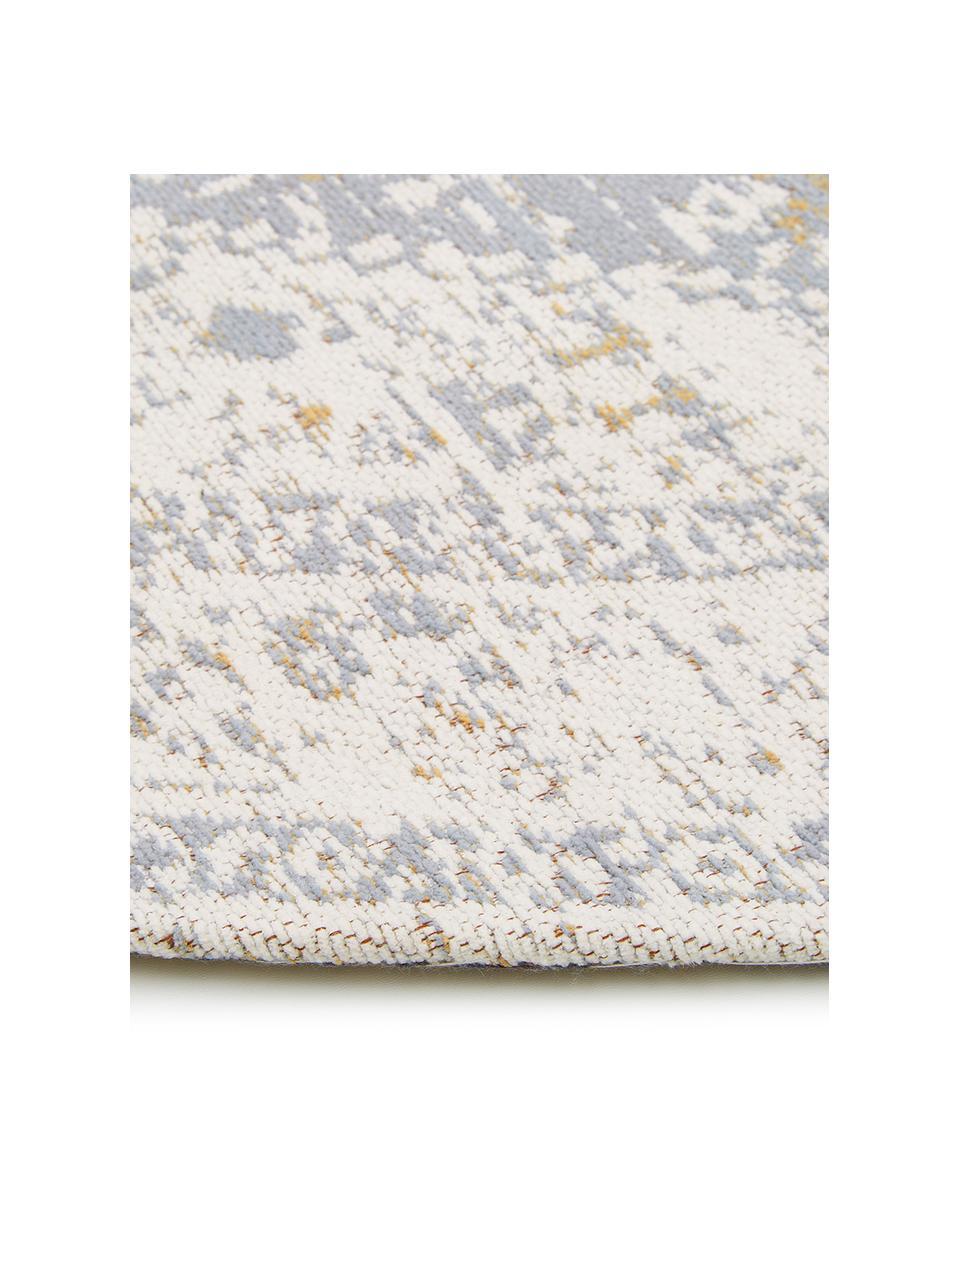 Okrągły ręcznie tkany dywan szenilowy w stylu vintage Neapel, Jasny szary, kremowy, taupe, Ø 200 cm (Rozmiar L)